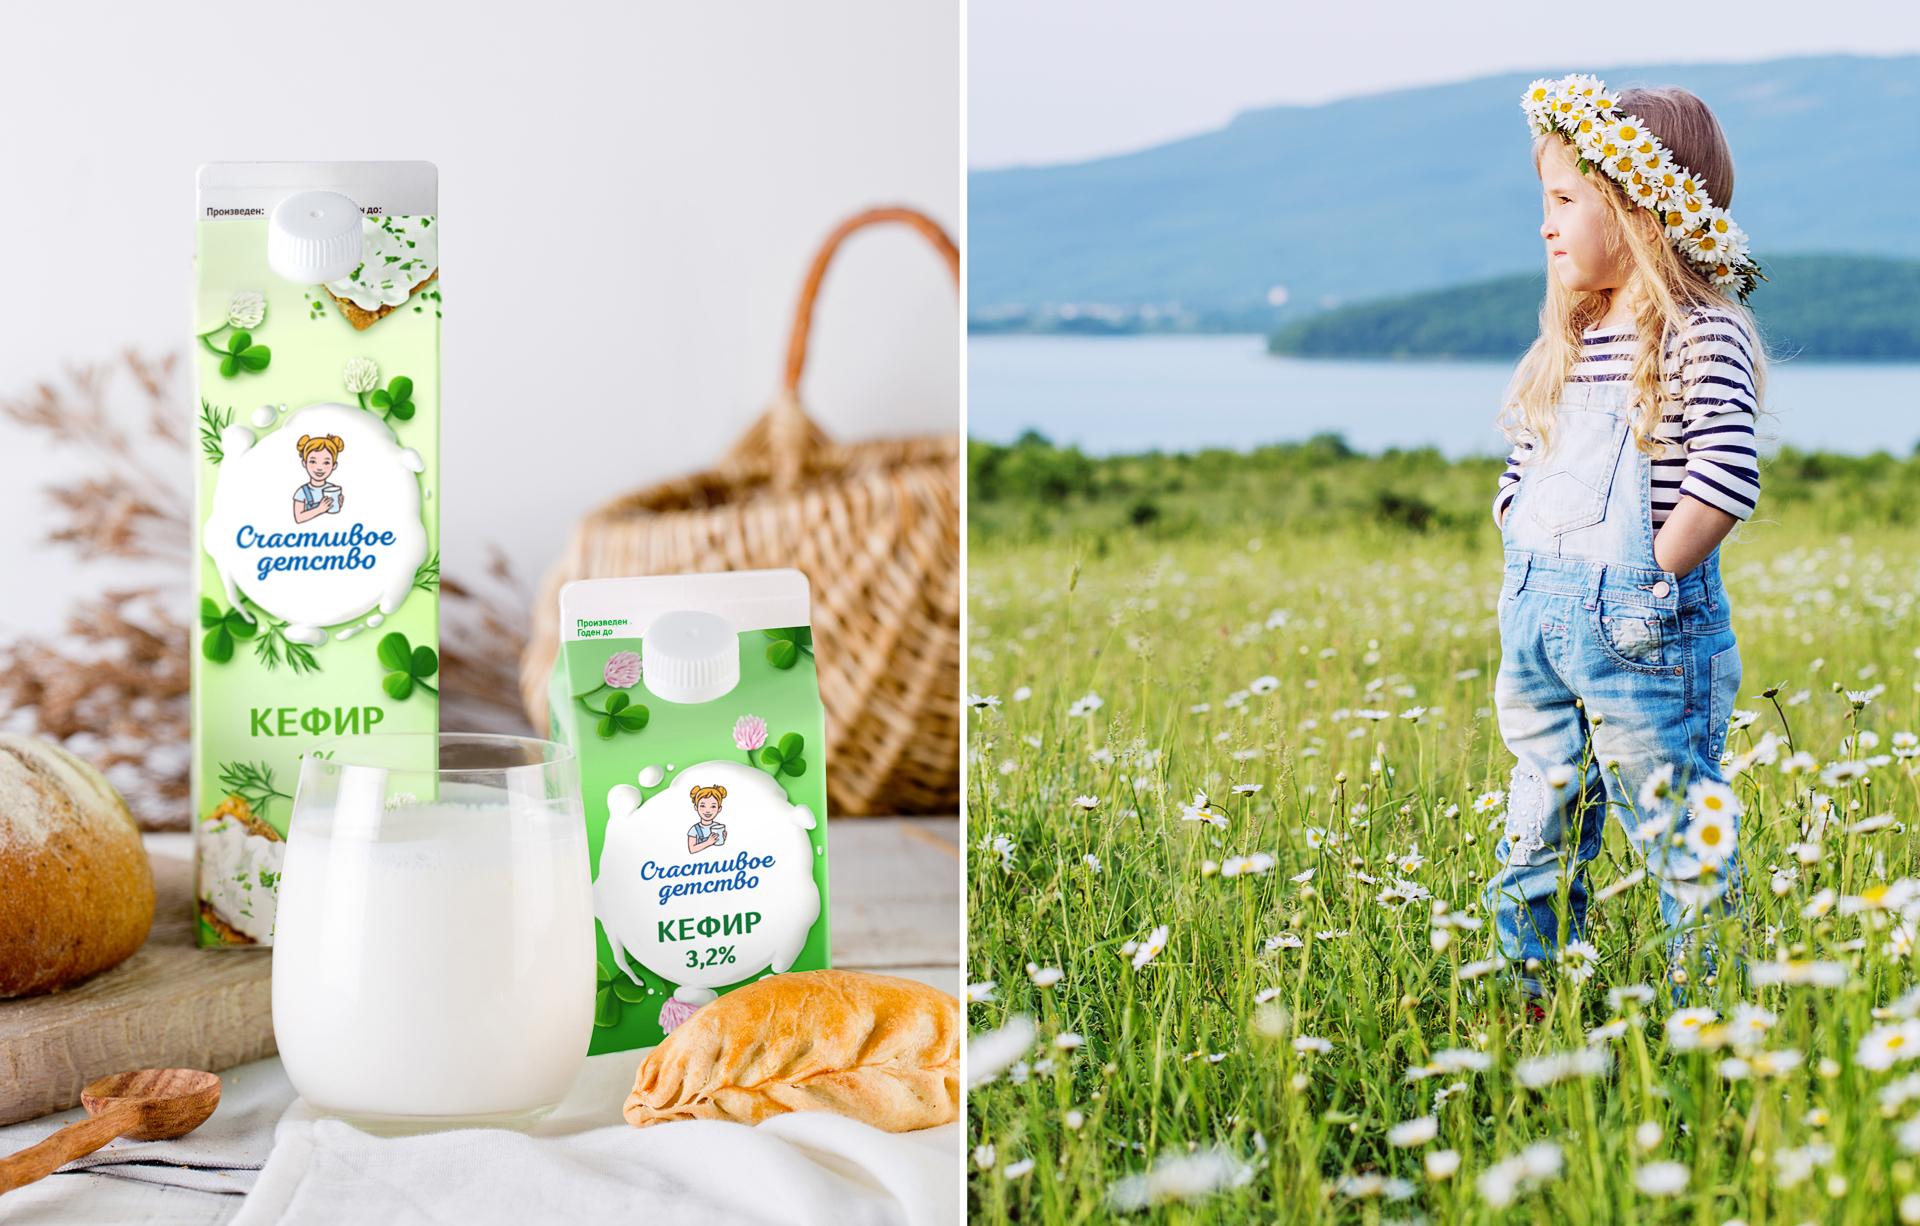 Дизайн упаковок и этикеток всего ассортимента молочной продукции «Счастливое детство» подчеркивает свежесть, натуральность и неповторимый вкус любимого продукта взрослых и детей.